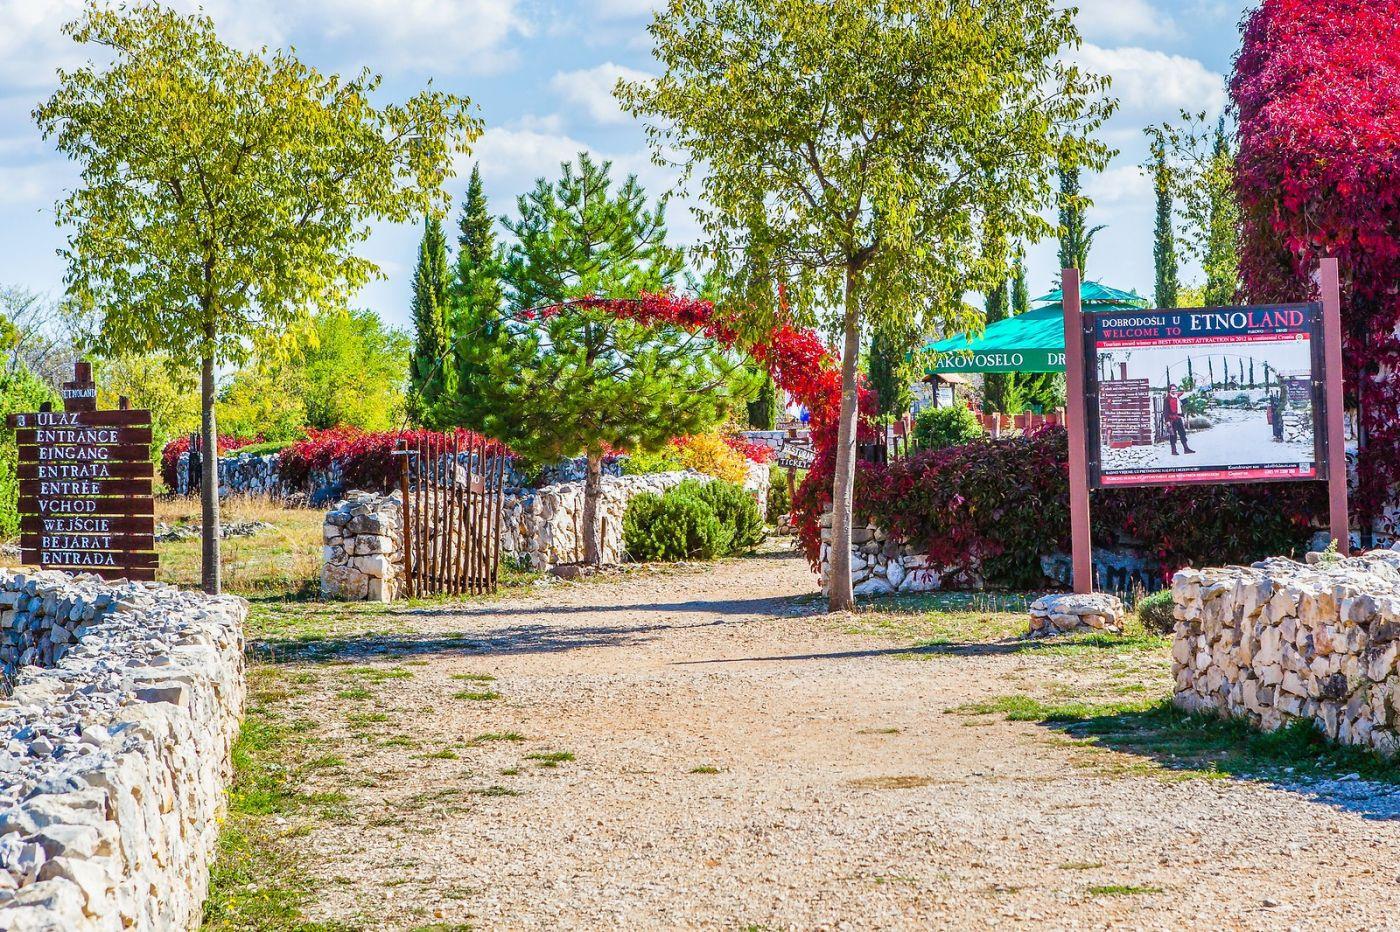 克罗地亚达尔马提亚村,独特的地域风貌_图1-8